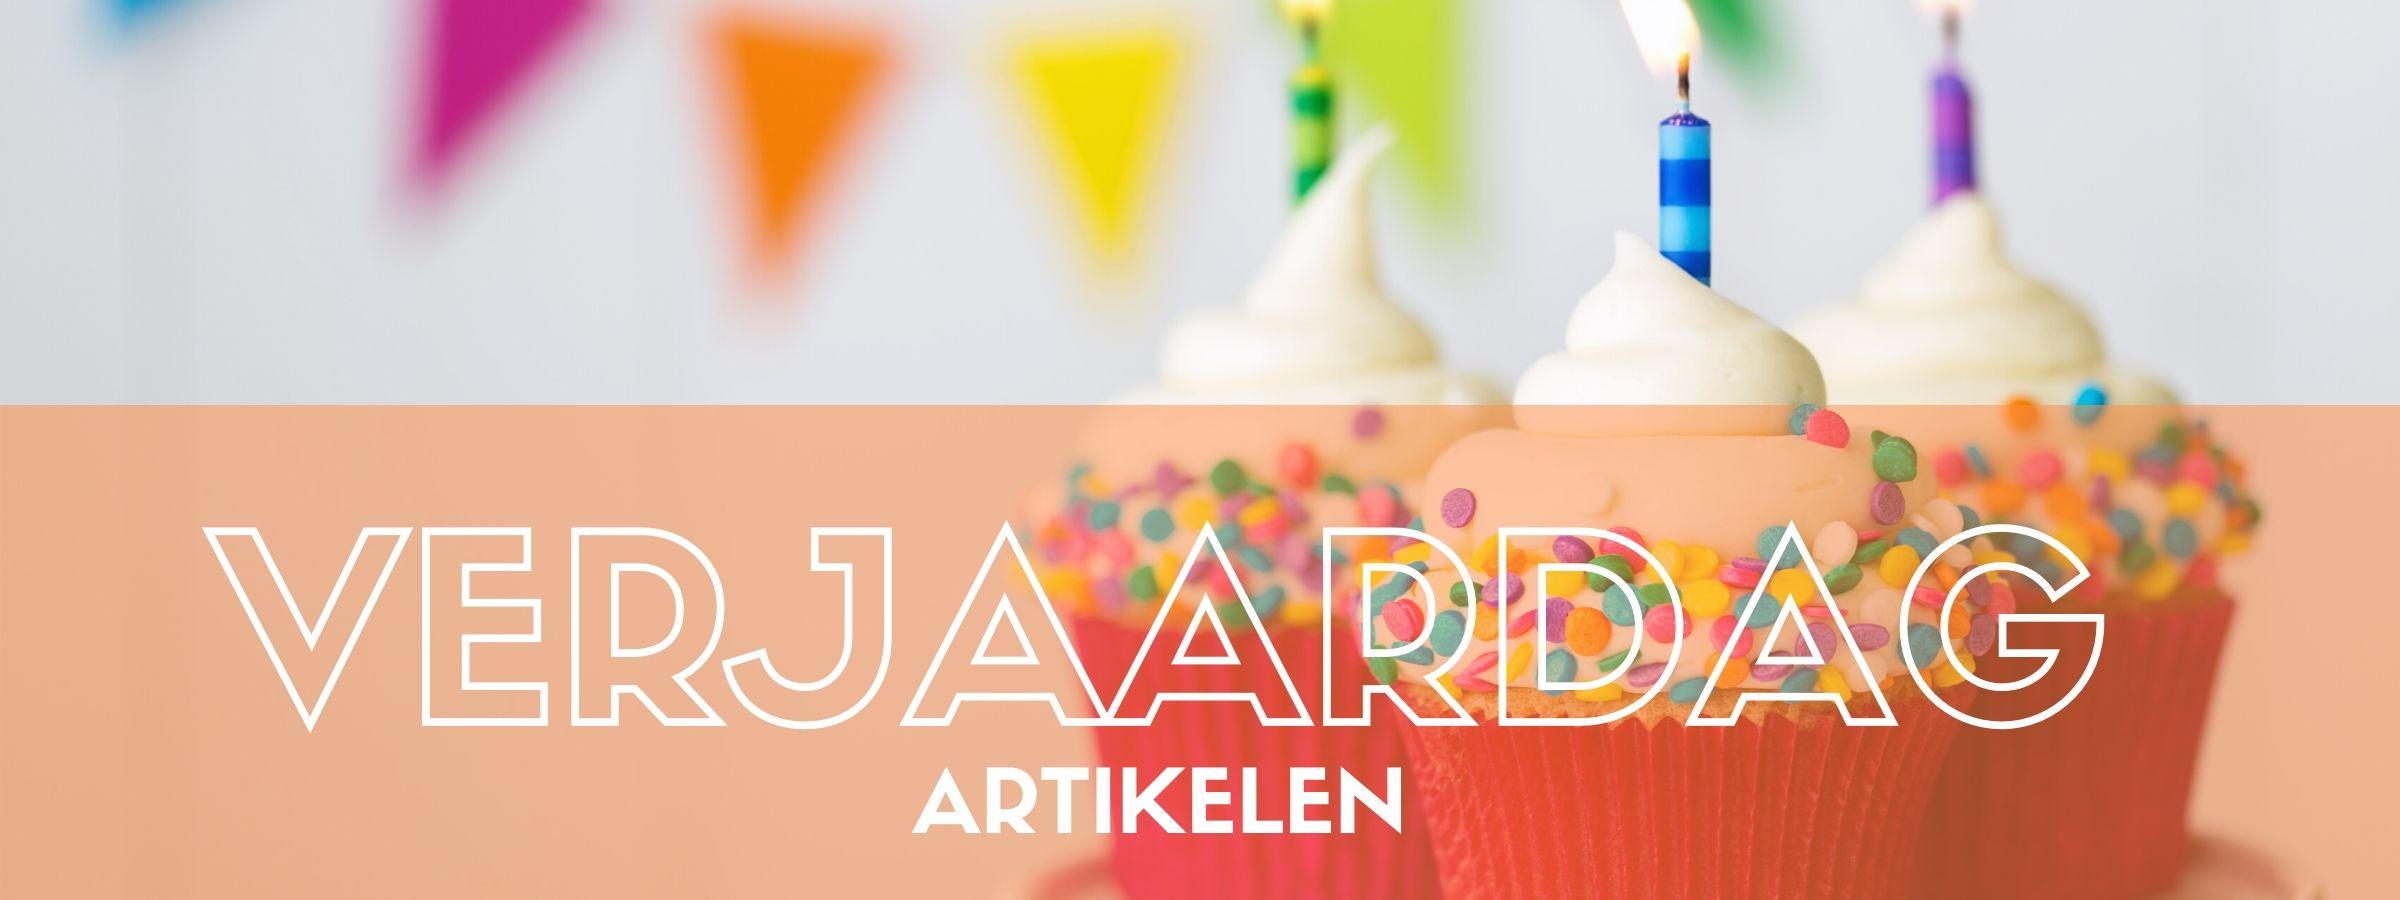 Artikelen voor een verjaardag bestel je bij JB Feestartikelen